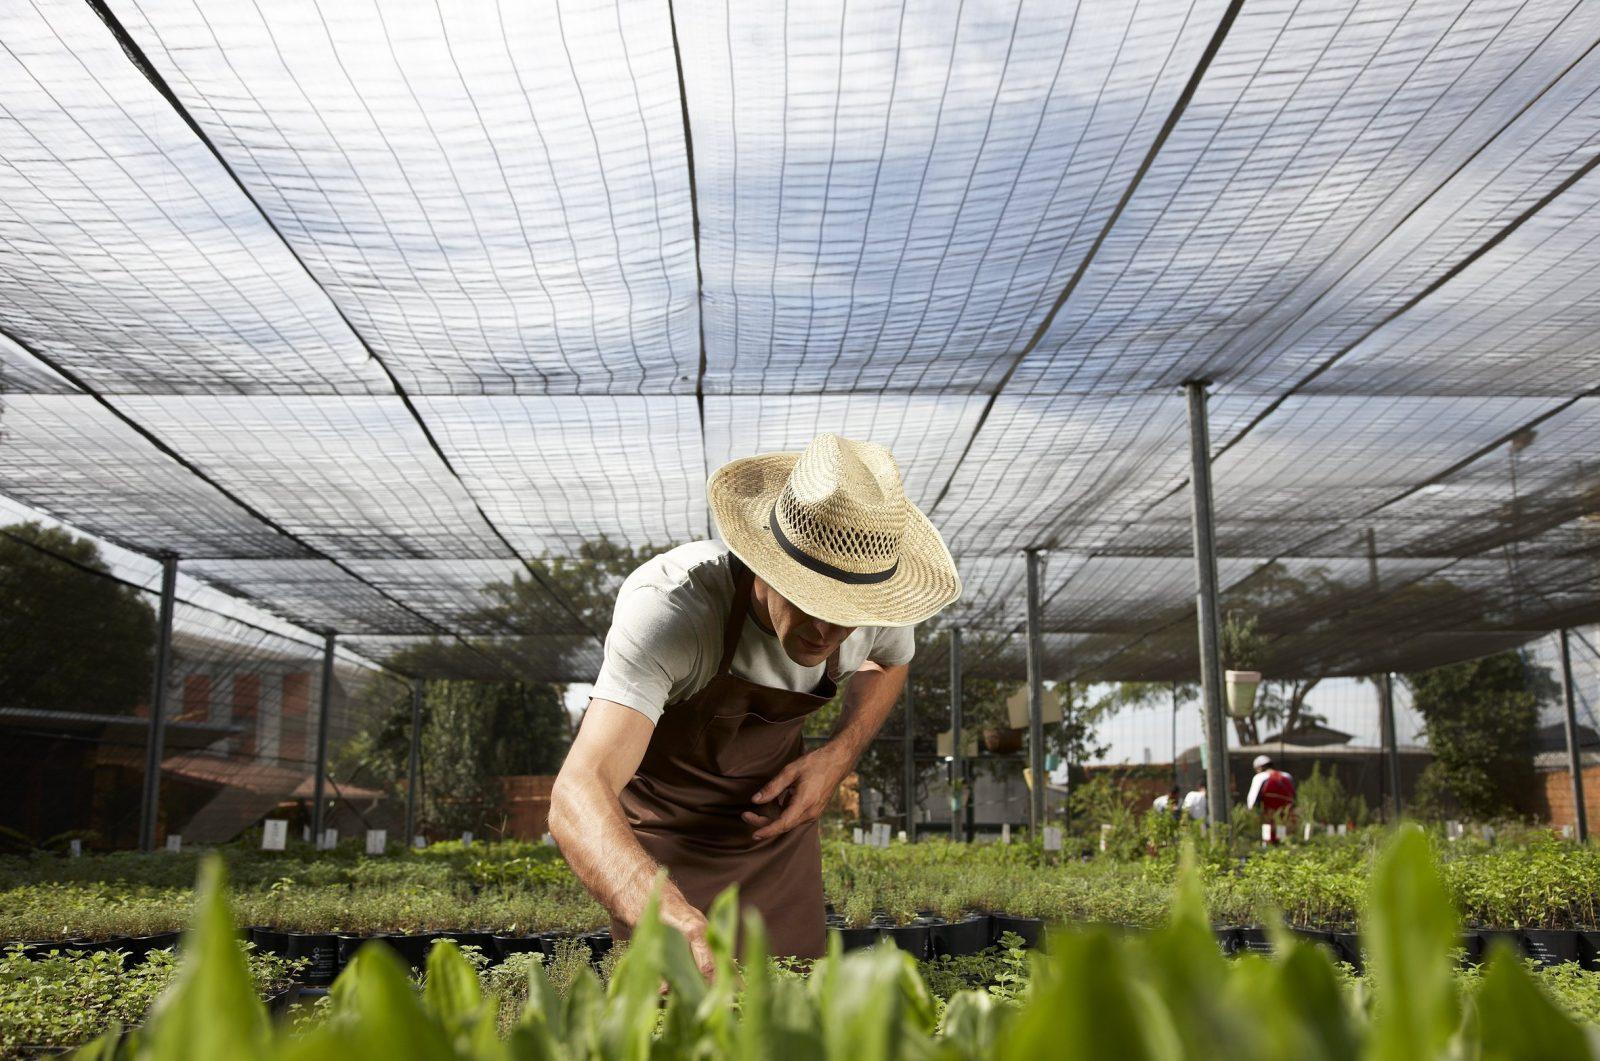 Diferentes tipos de agricultura: natural, biodinâmica, ecológica, permacultura e convencional